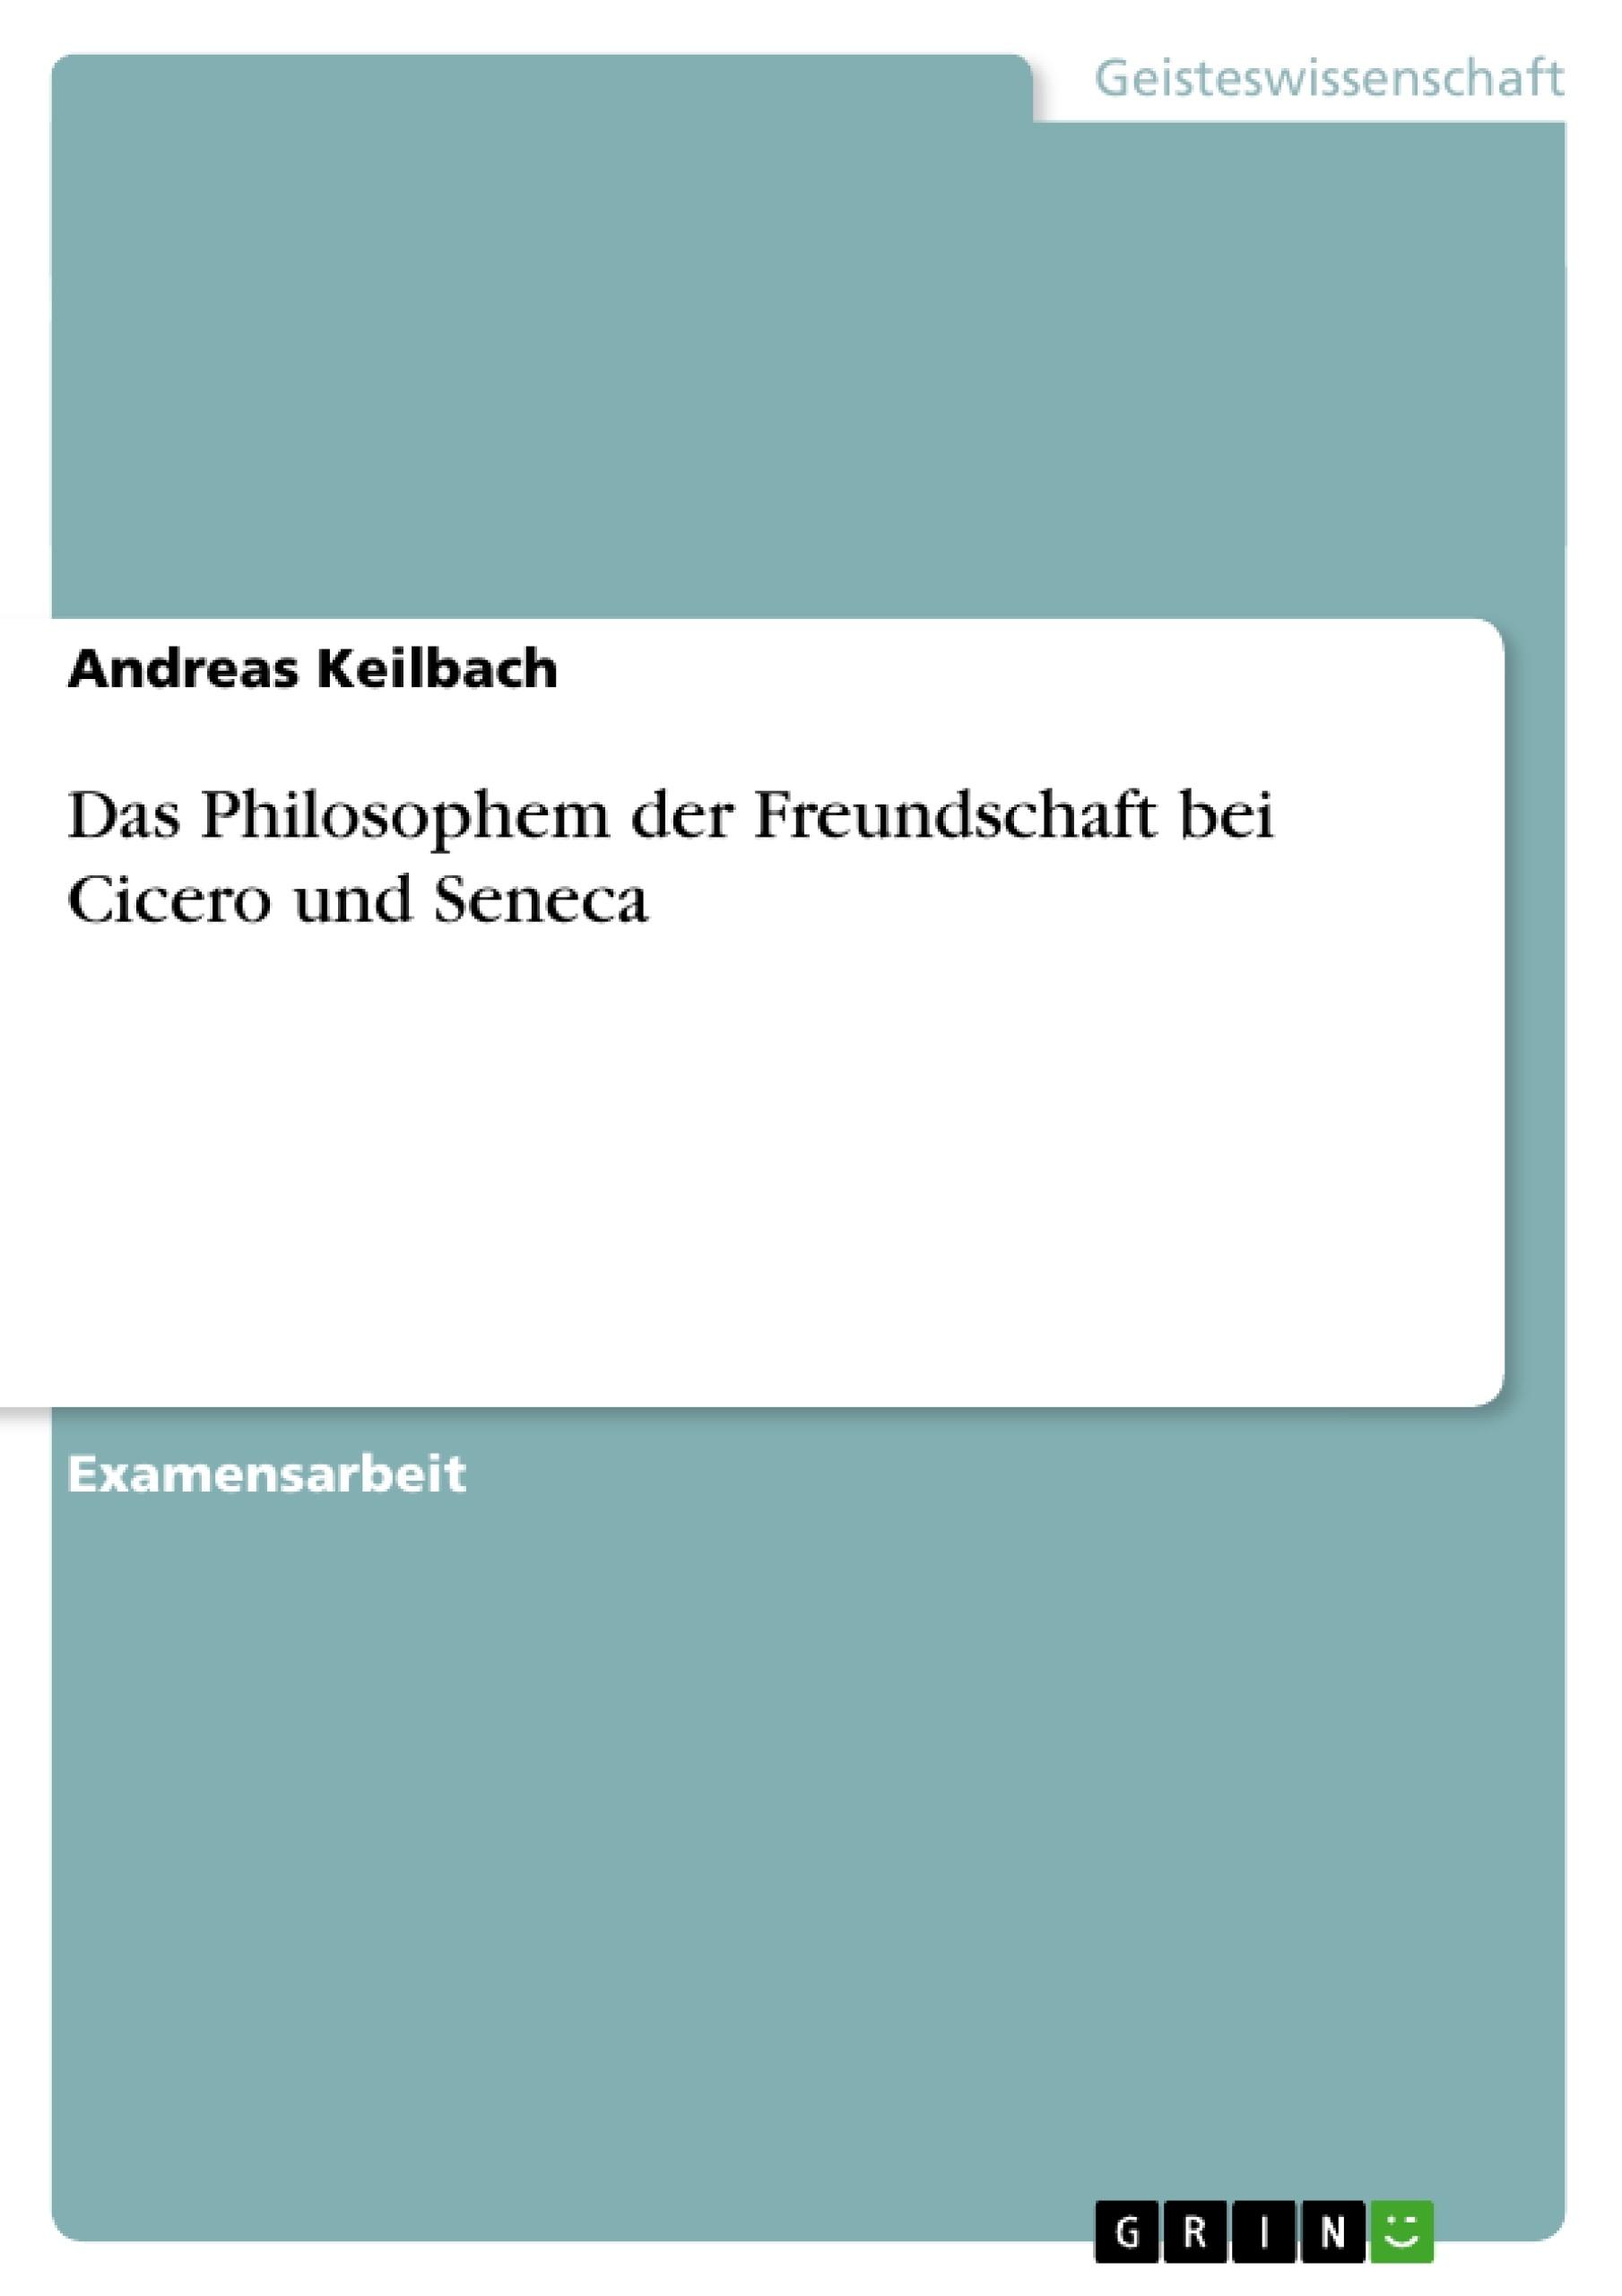 Titel: Das Philosophem der Freundschaft bei Cicero und Seneca